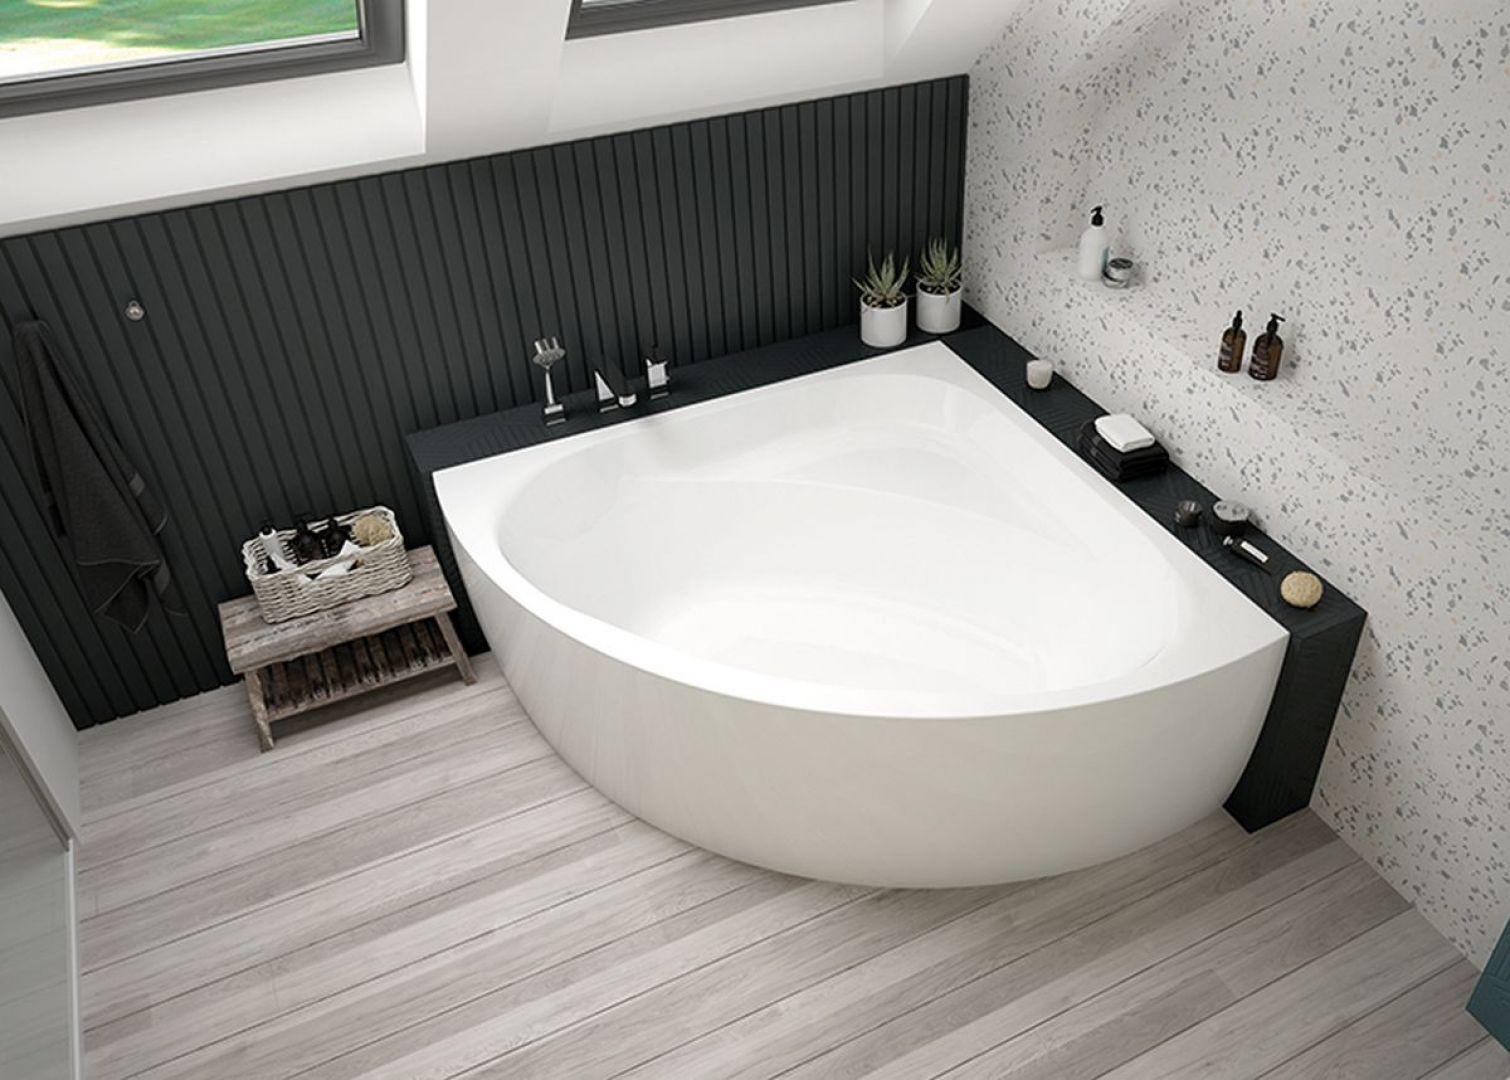 Usytuowanie wanny przy oknie jest rozwiązaniem idealnym, które pozwoli jeszcze mocniej zrelaksować się w czasie kąpieli. Fot. Sanplast